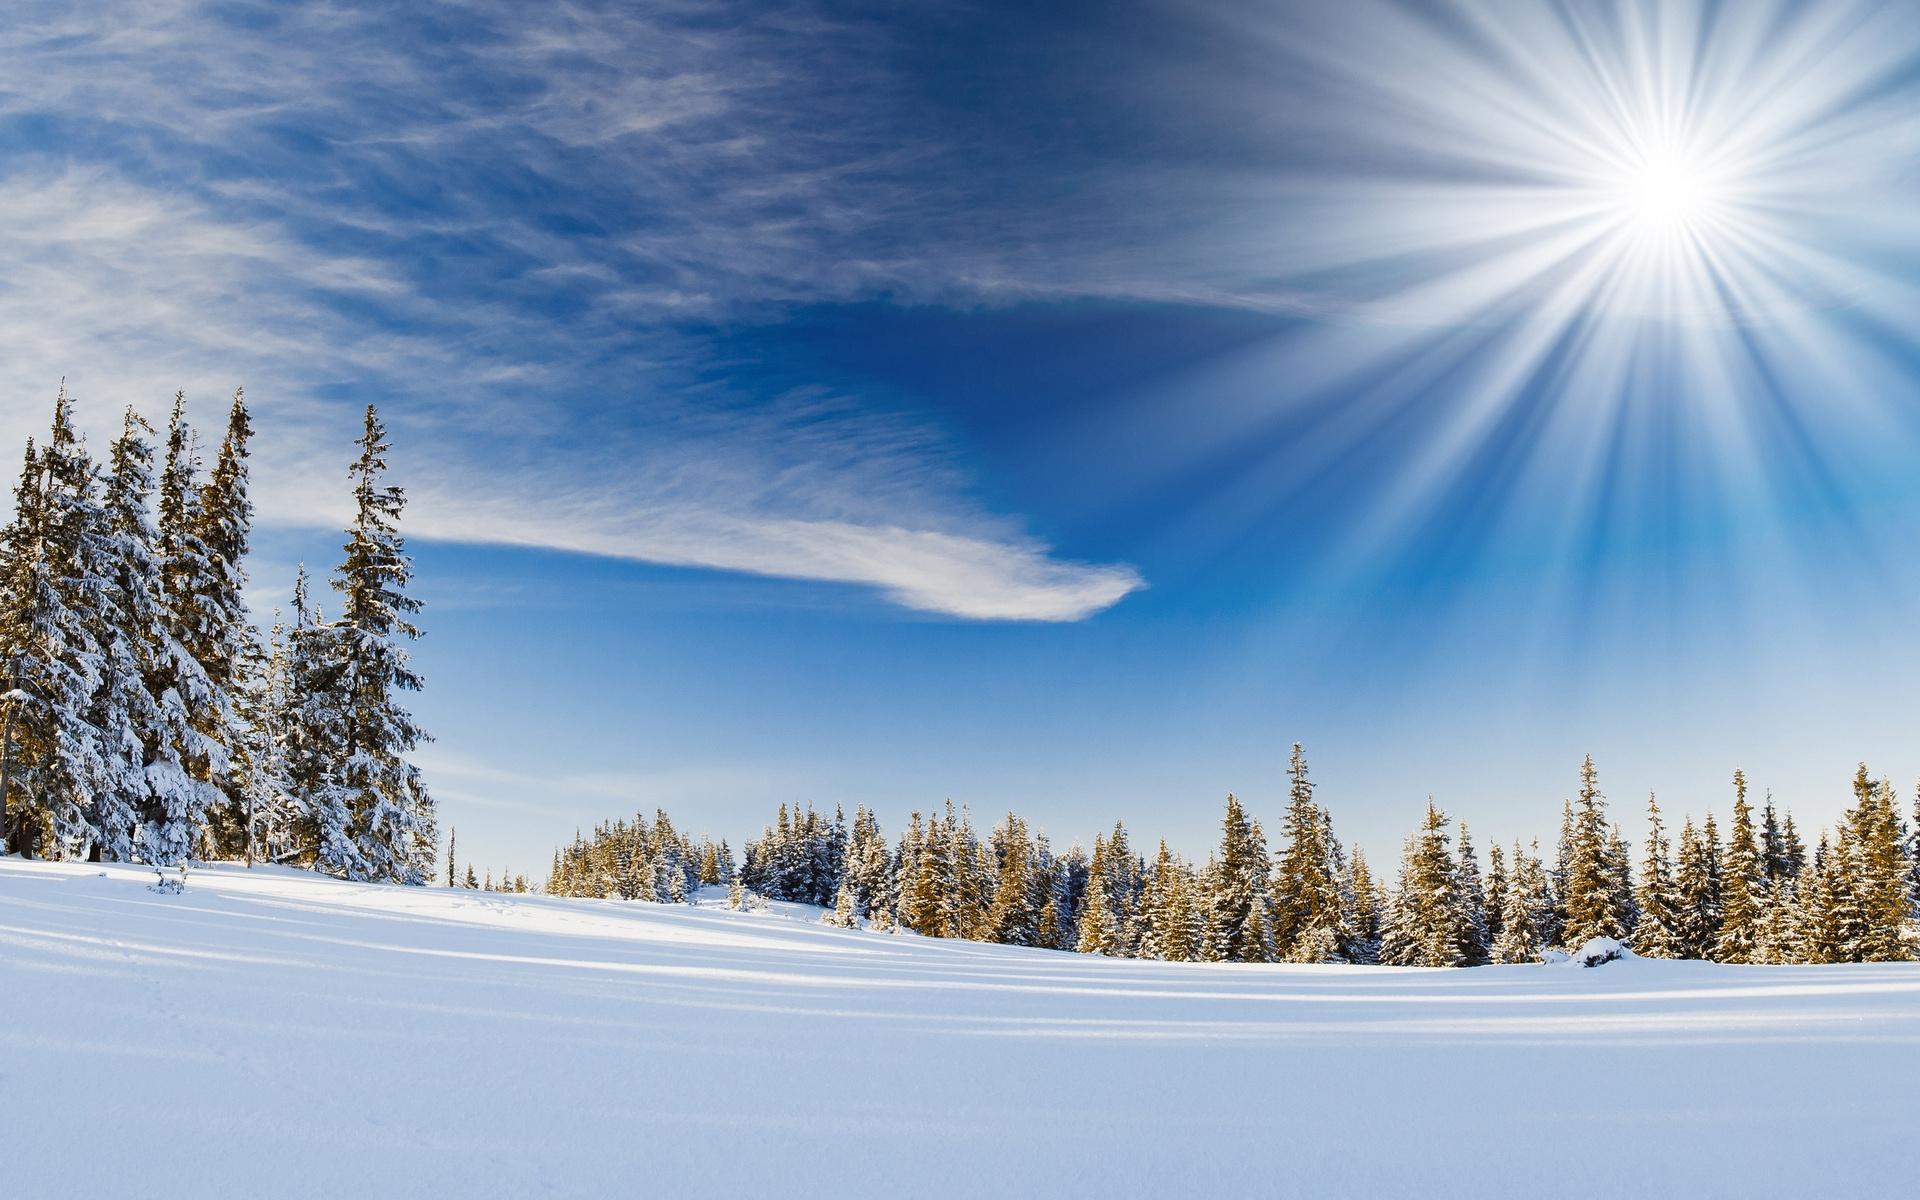 Stunning Sunbeam Wallpaper